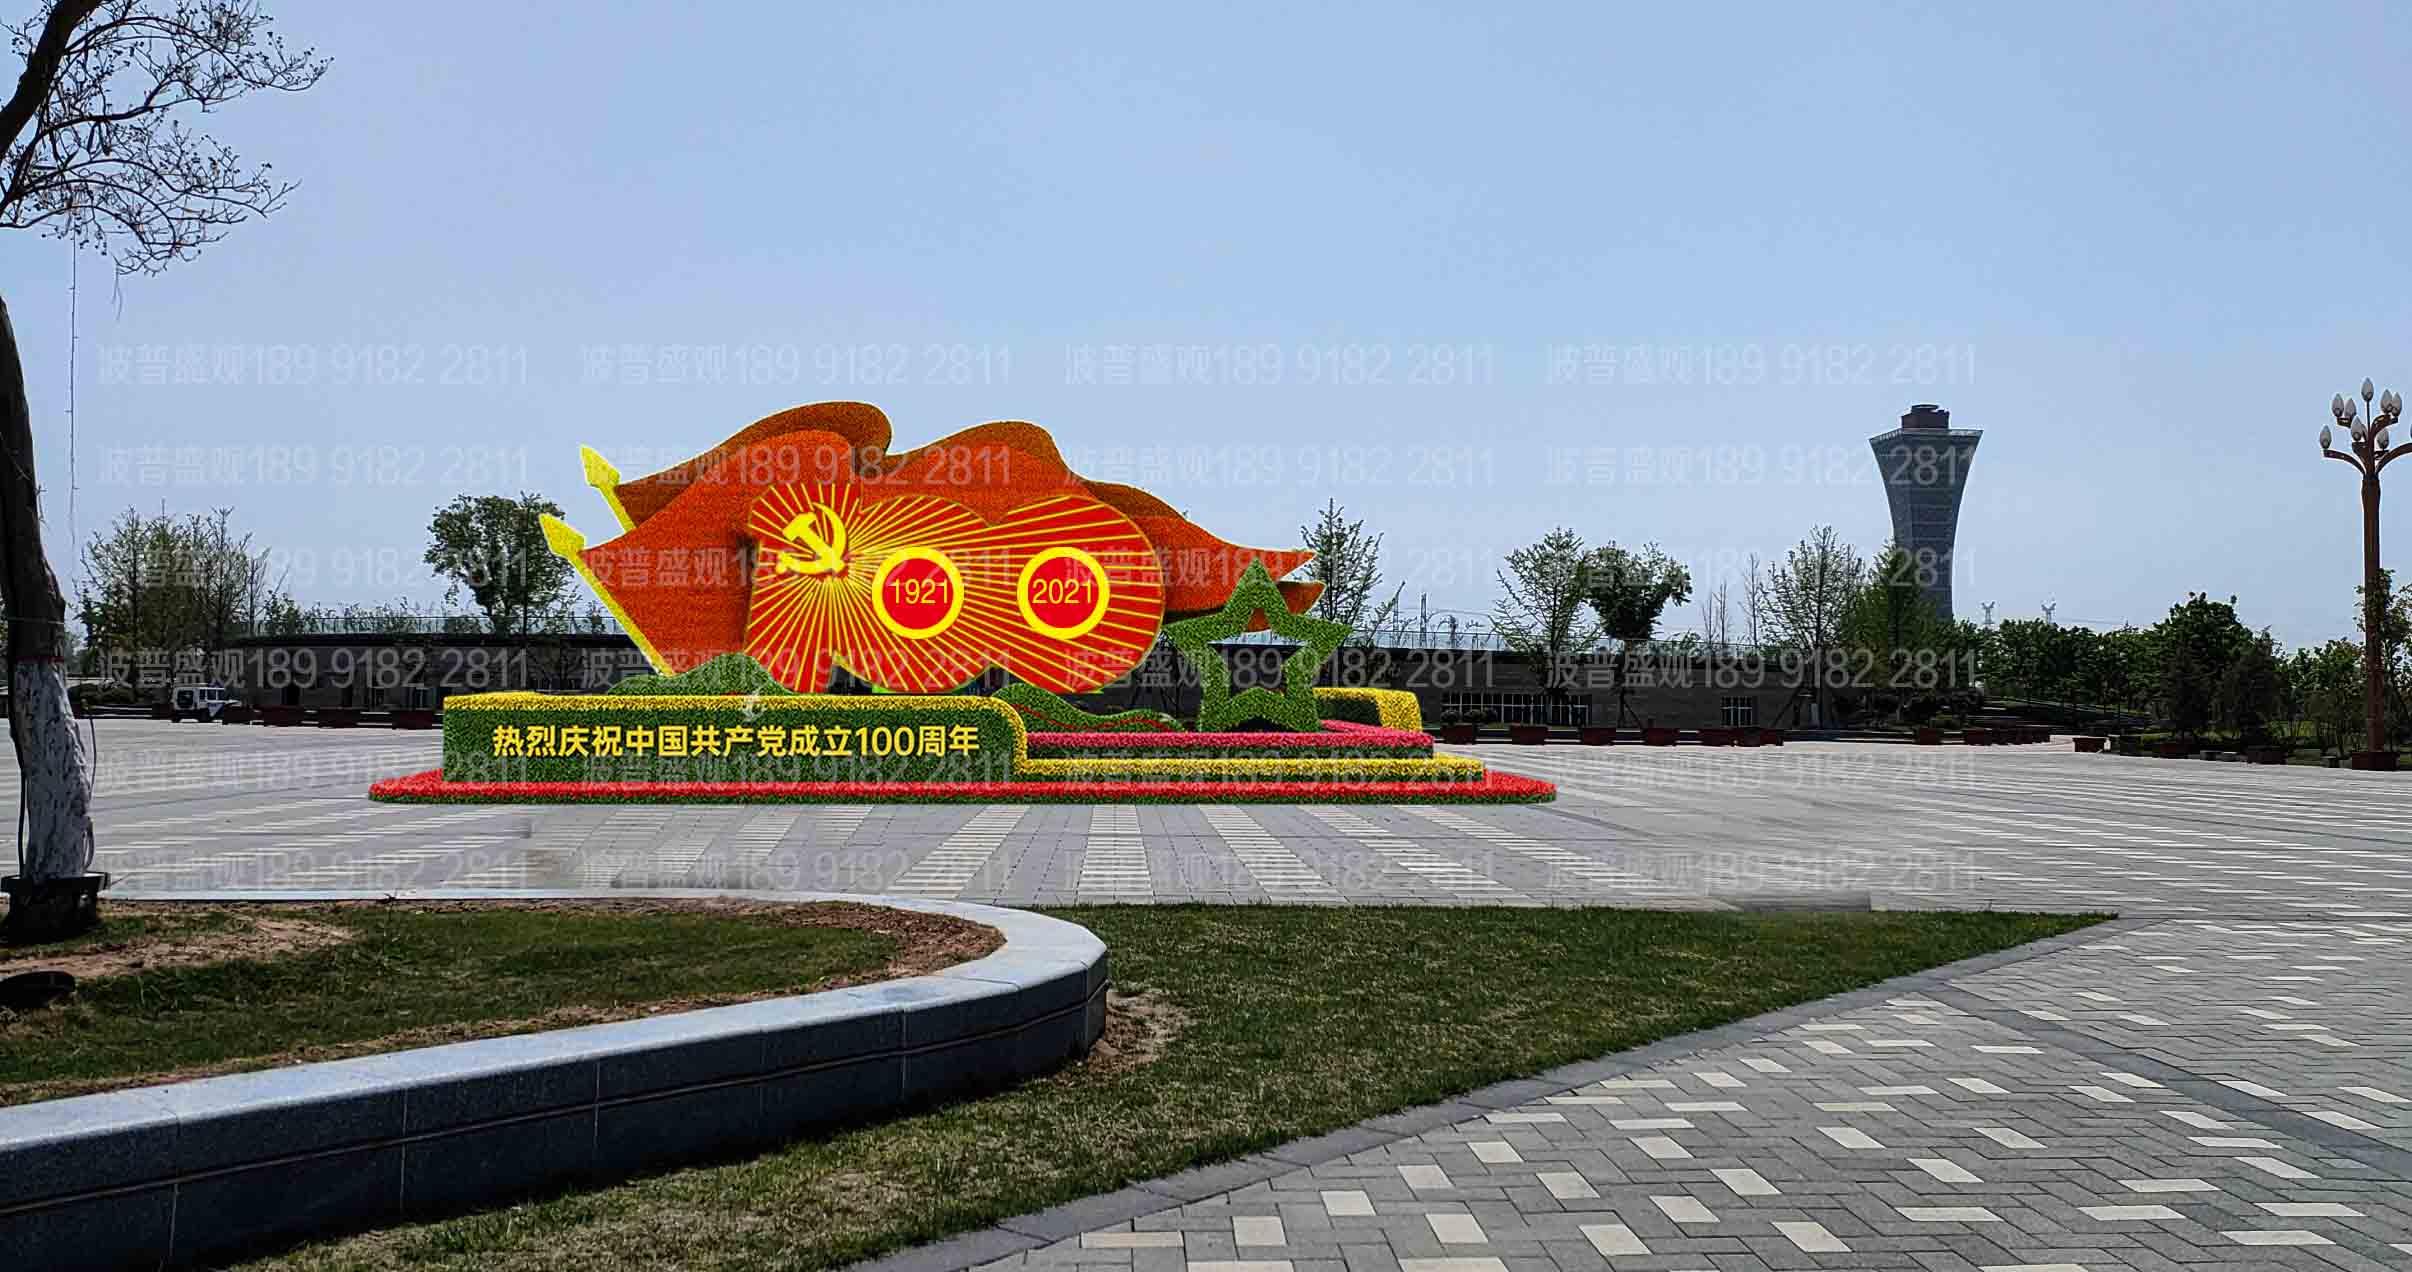 建党100周年植物雕塑案例